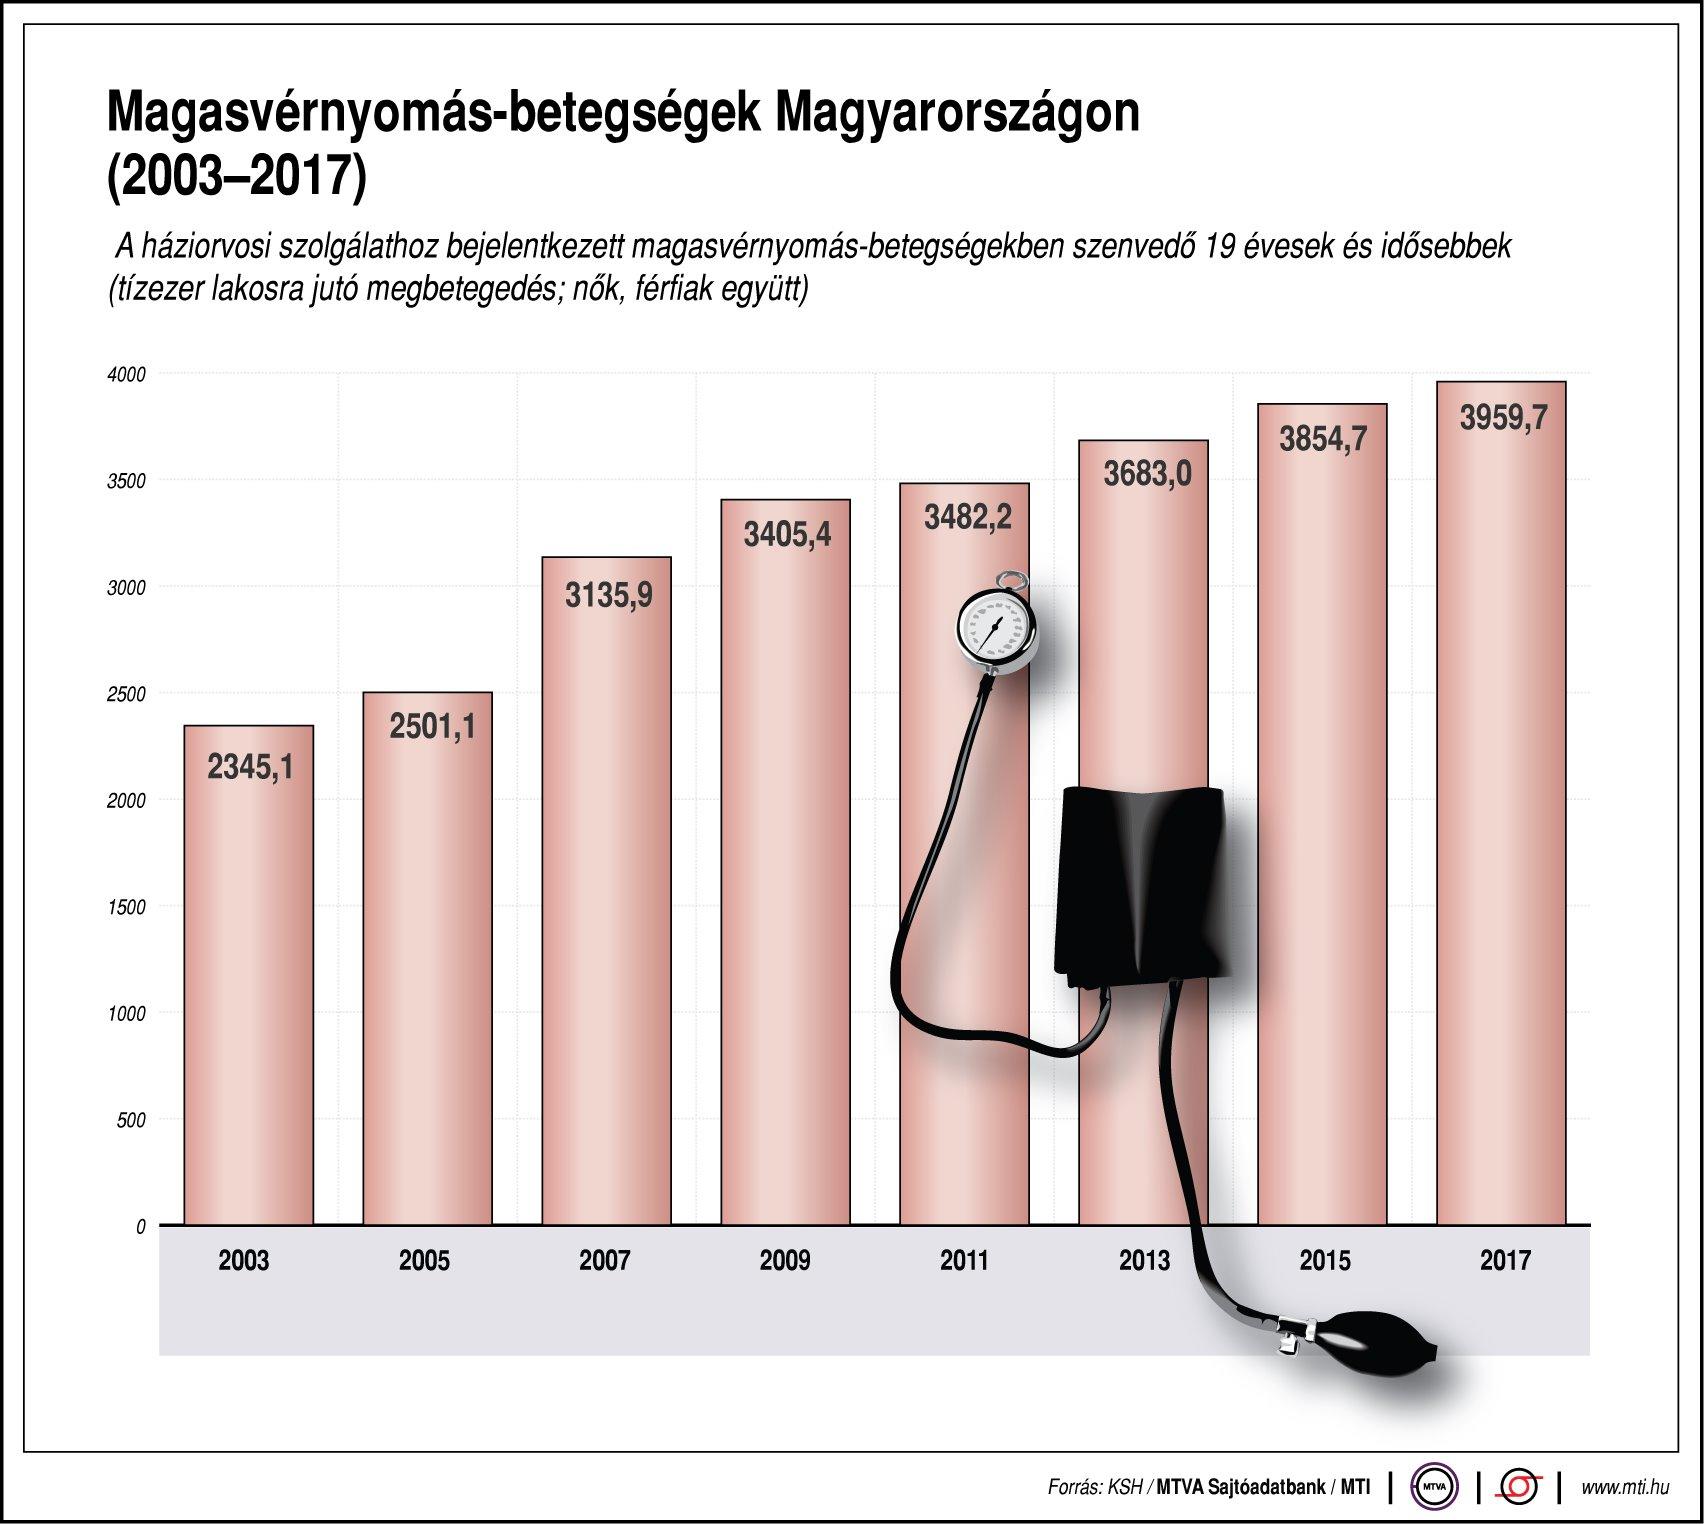 magas vérnyomás hogyan éljünk tovább)